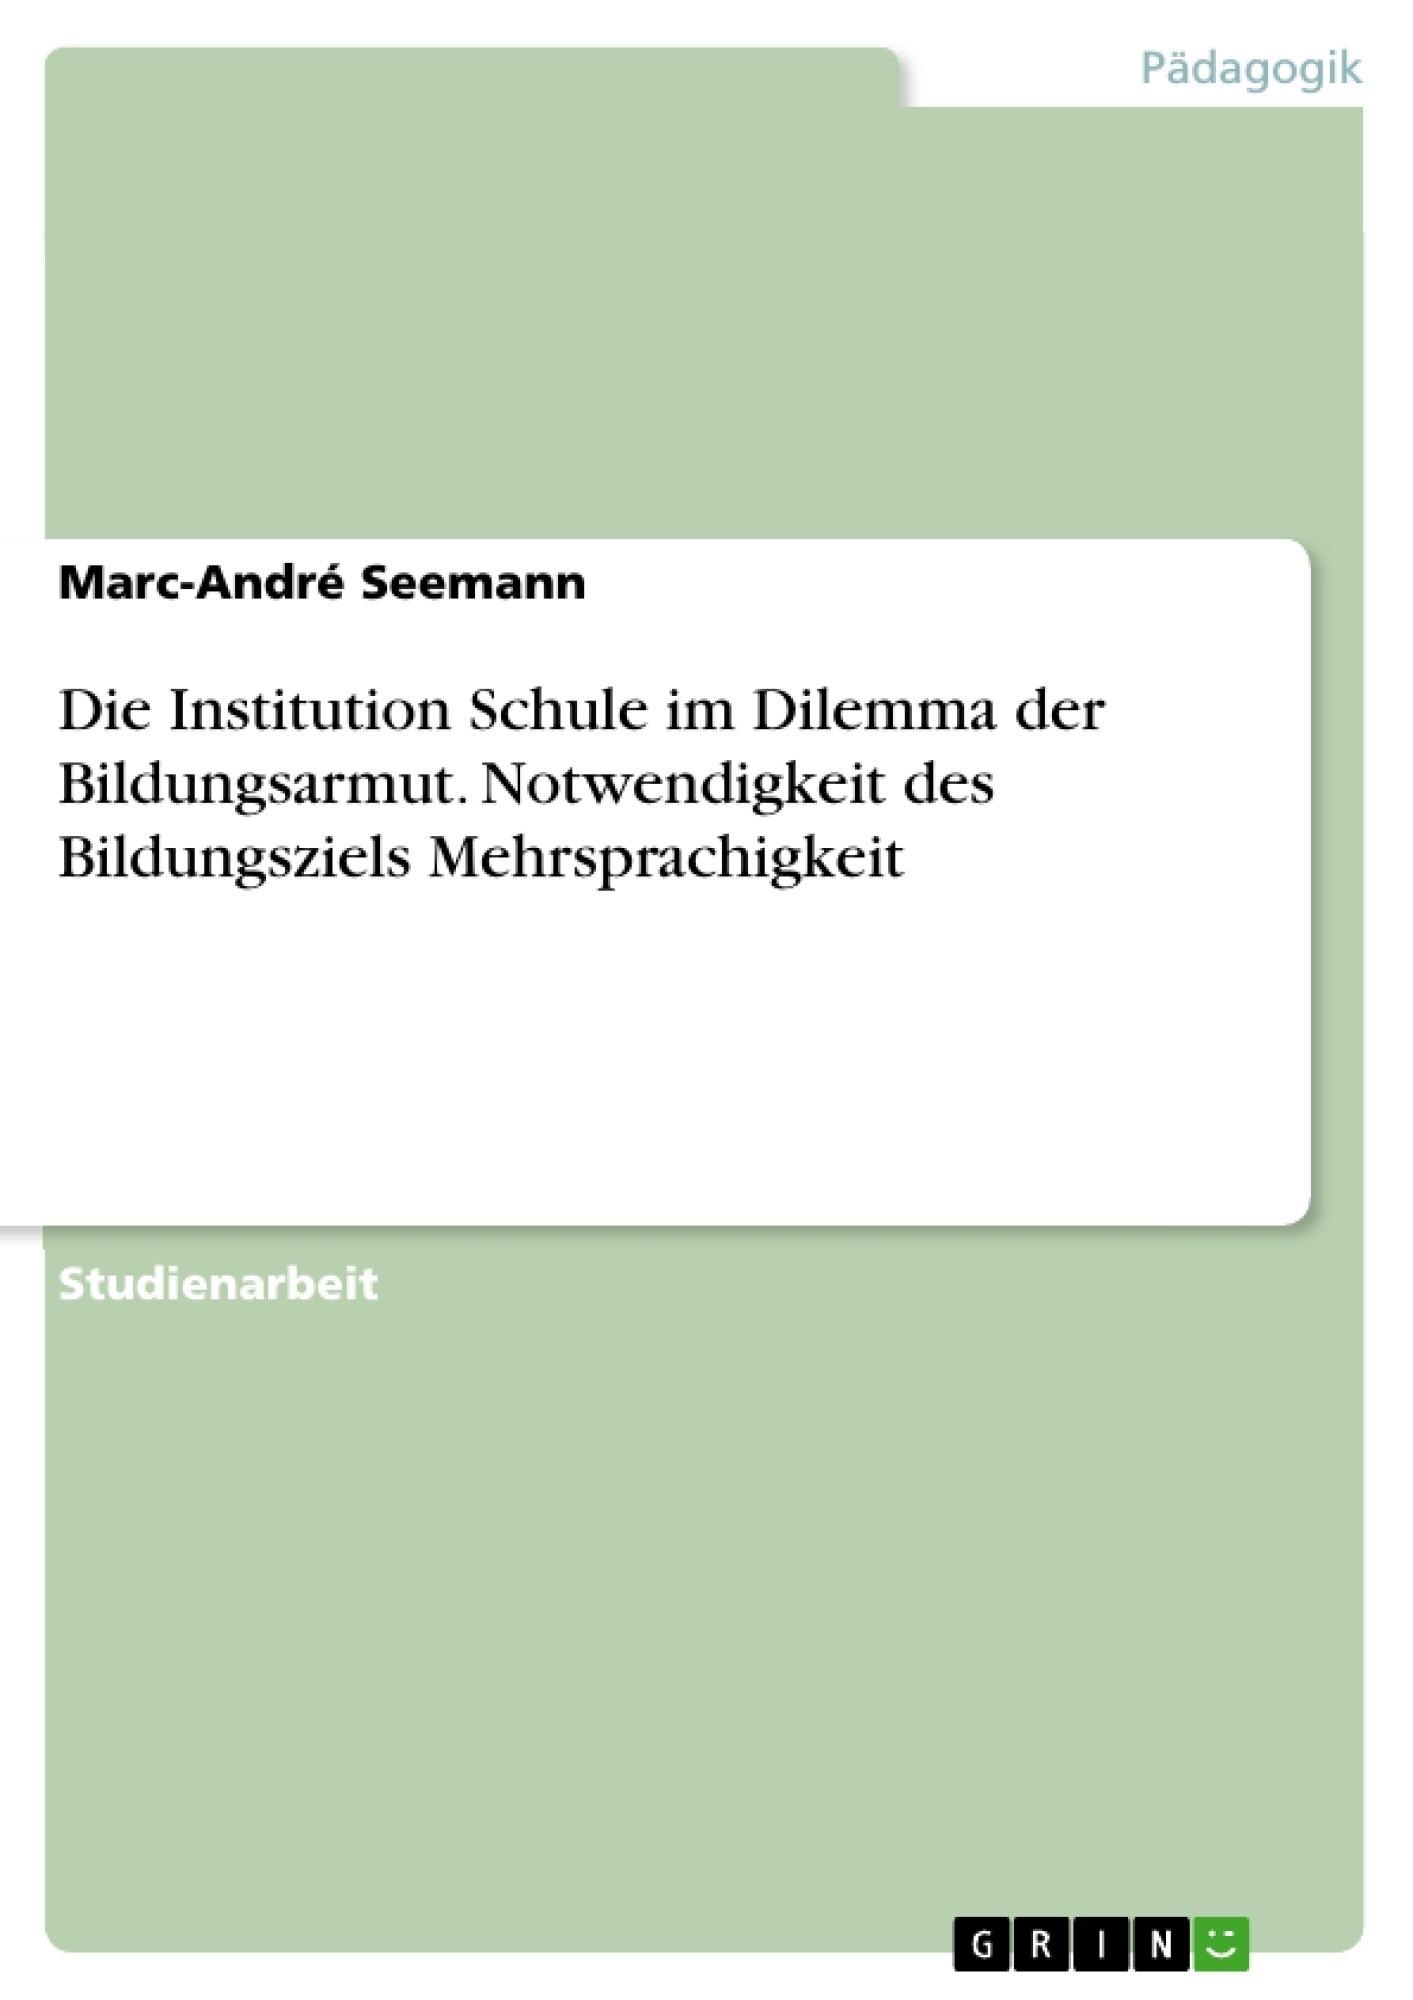 Titel: Die Institution Schule im Dilemma der Bildungsarmut. Notwendigkeit des Bildungsziels Mehrsprachigkeit